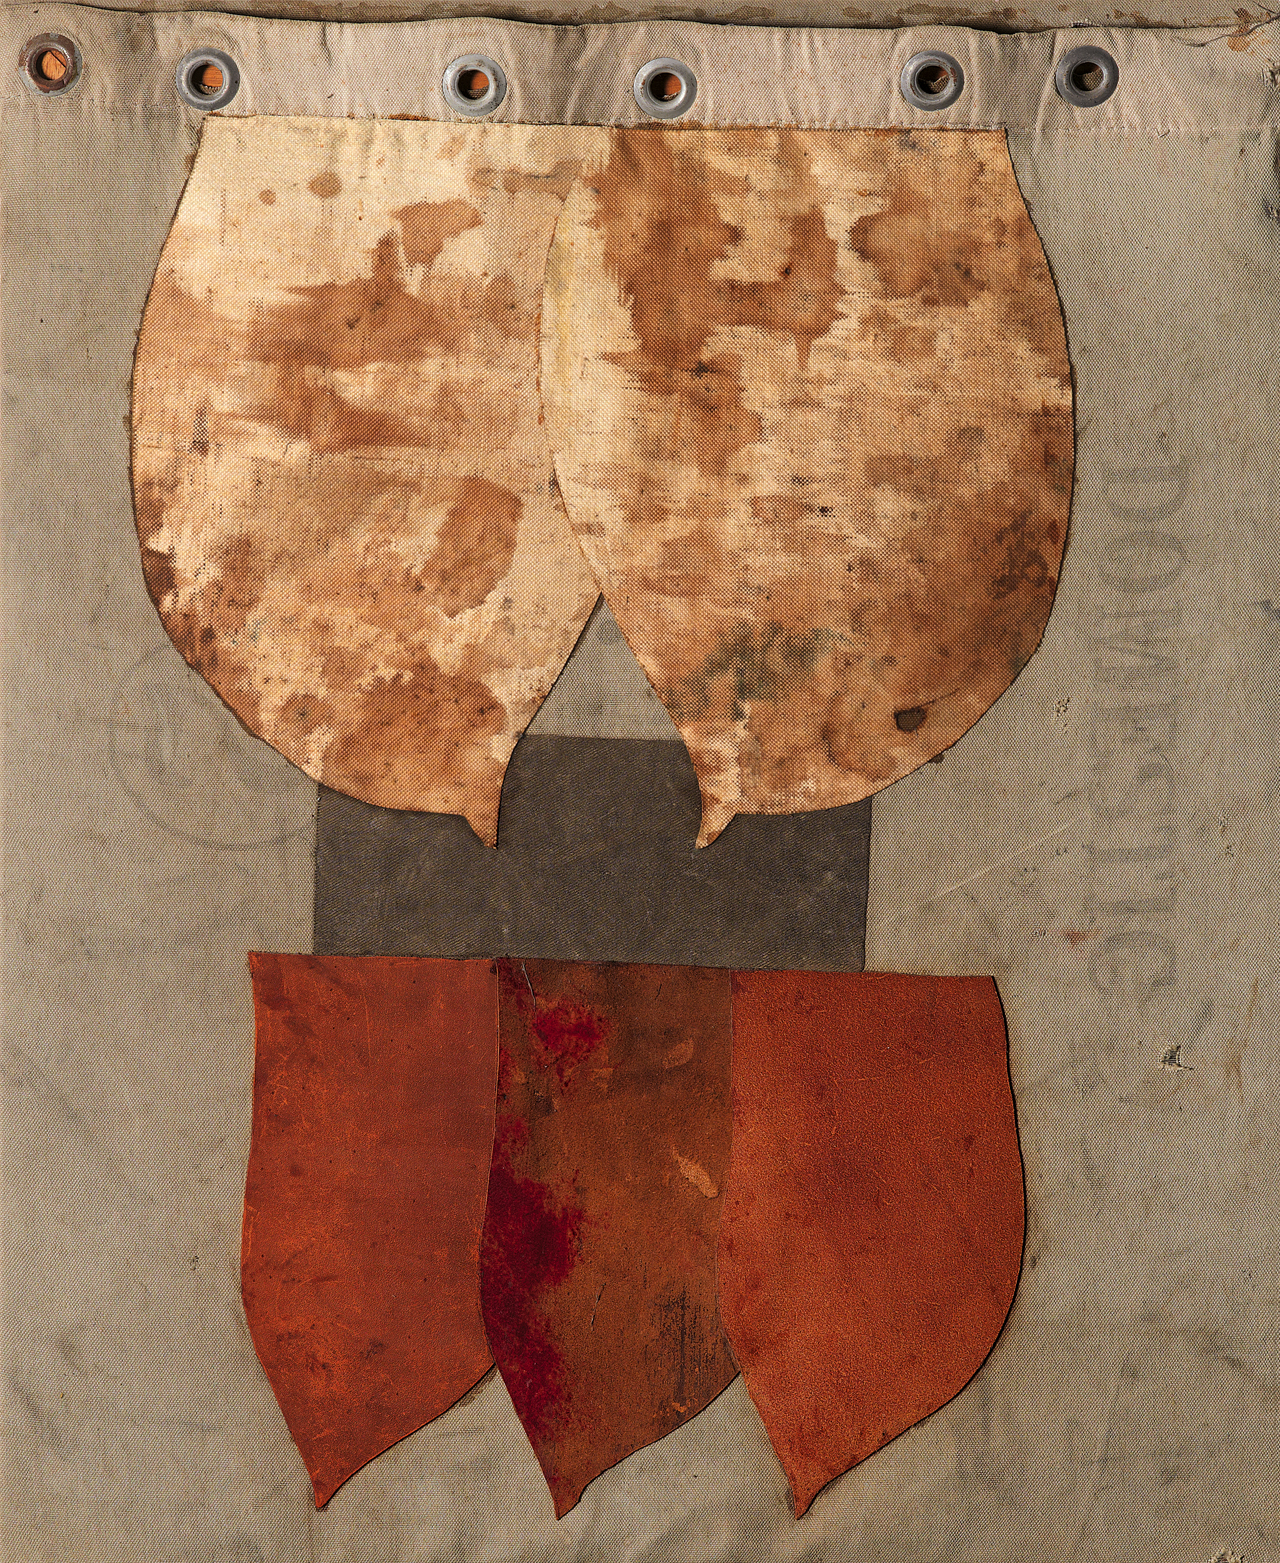 La mucca pazza, 1997 (1)